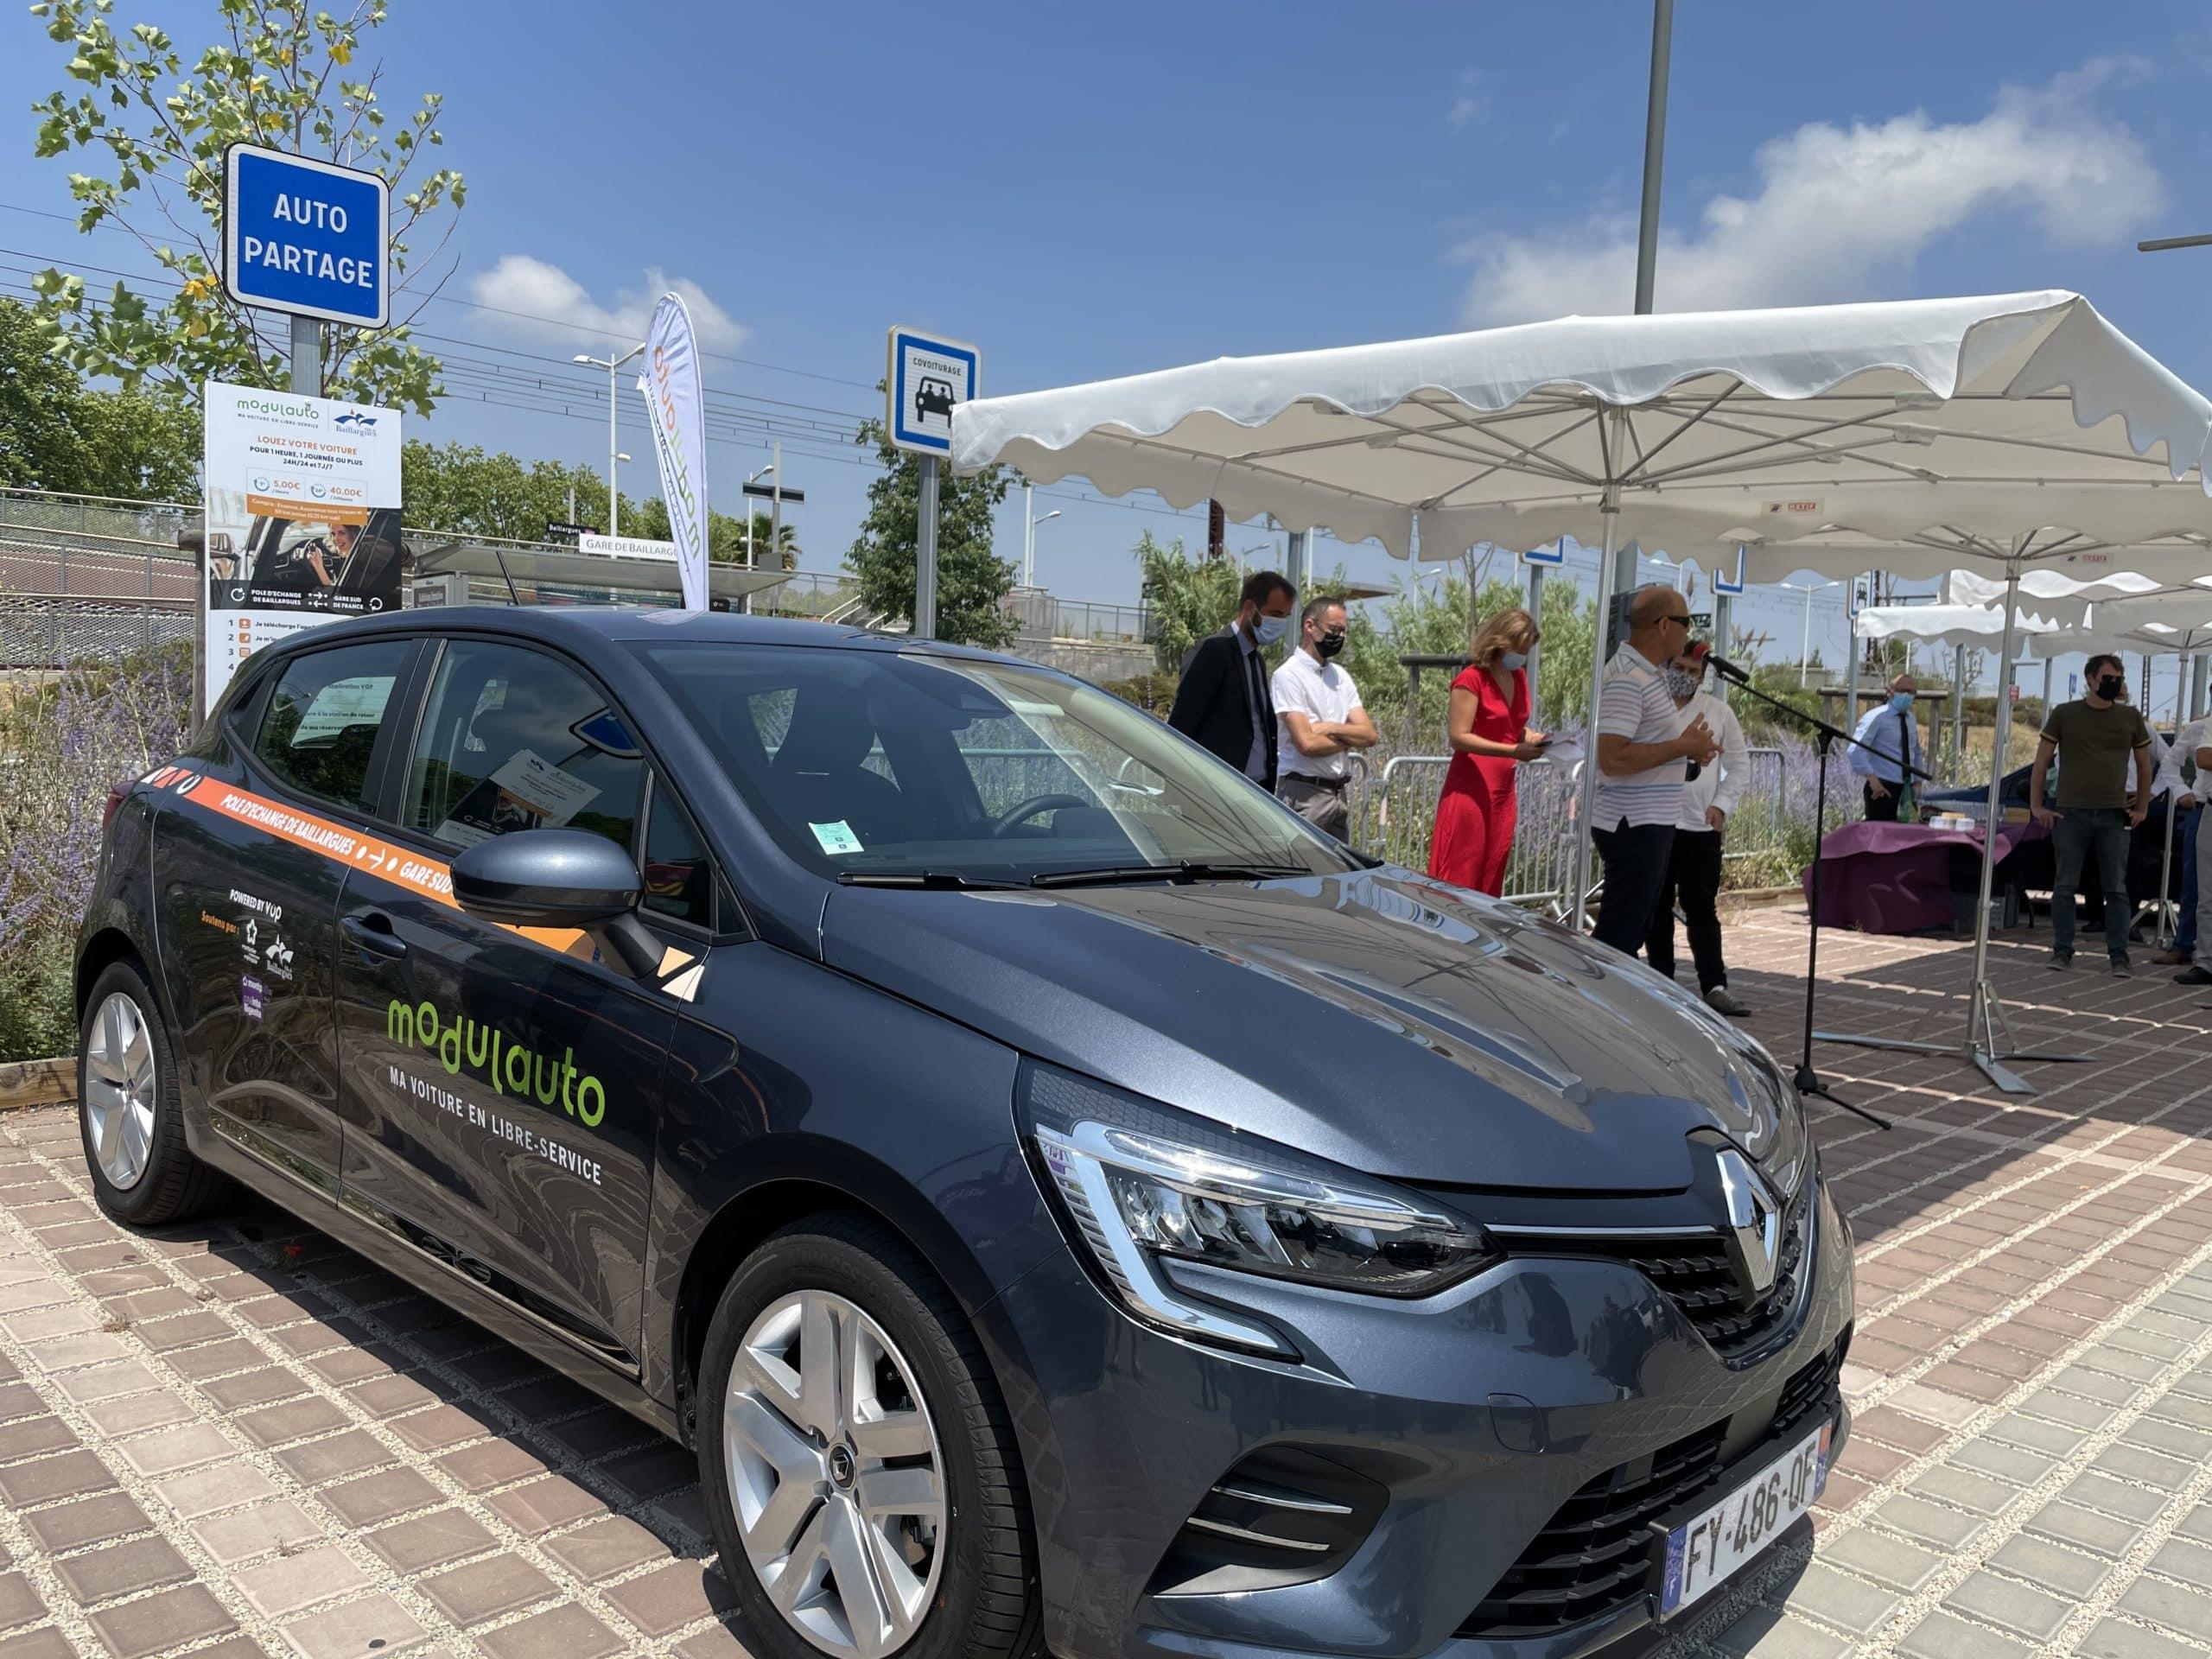 Un nouveau service d'autopartage disponible sur la commune